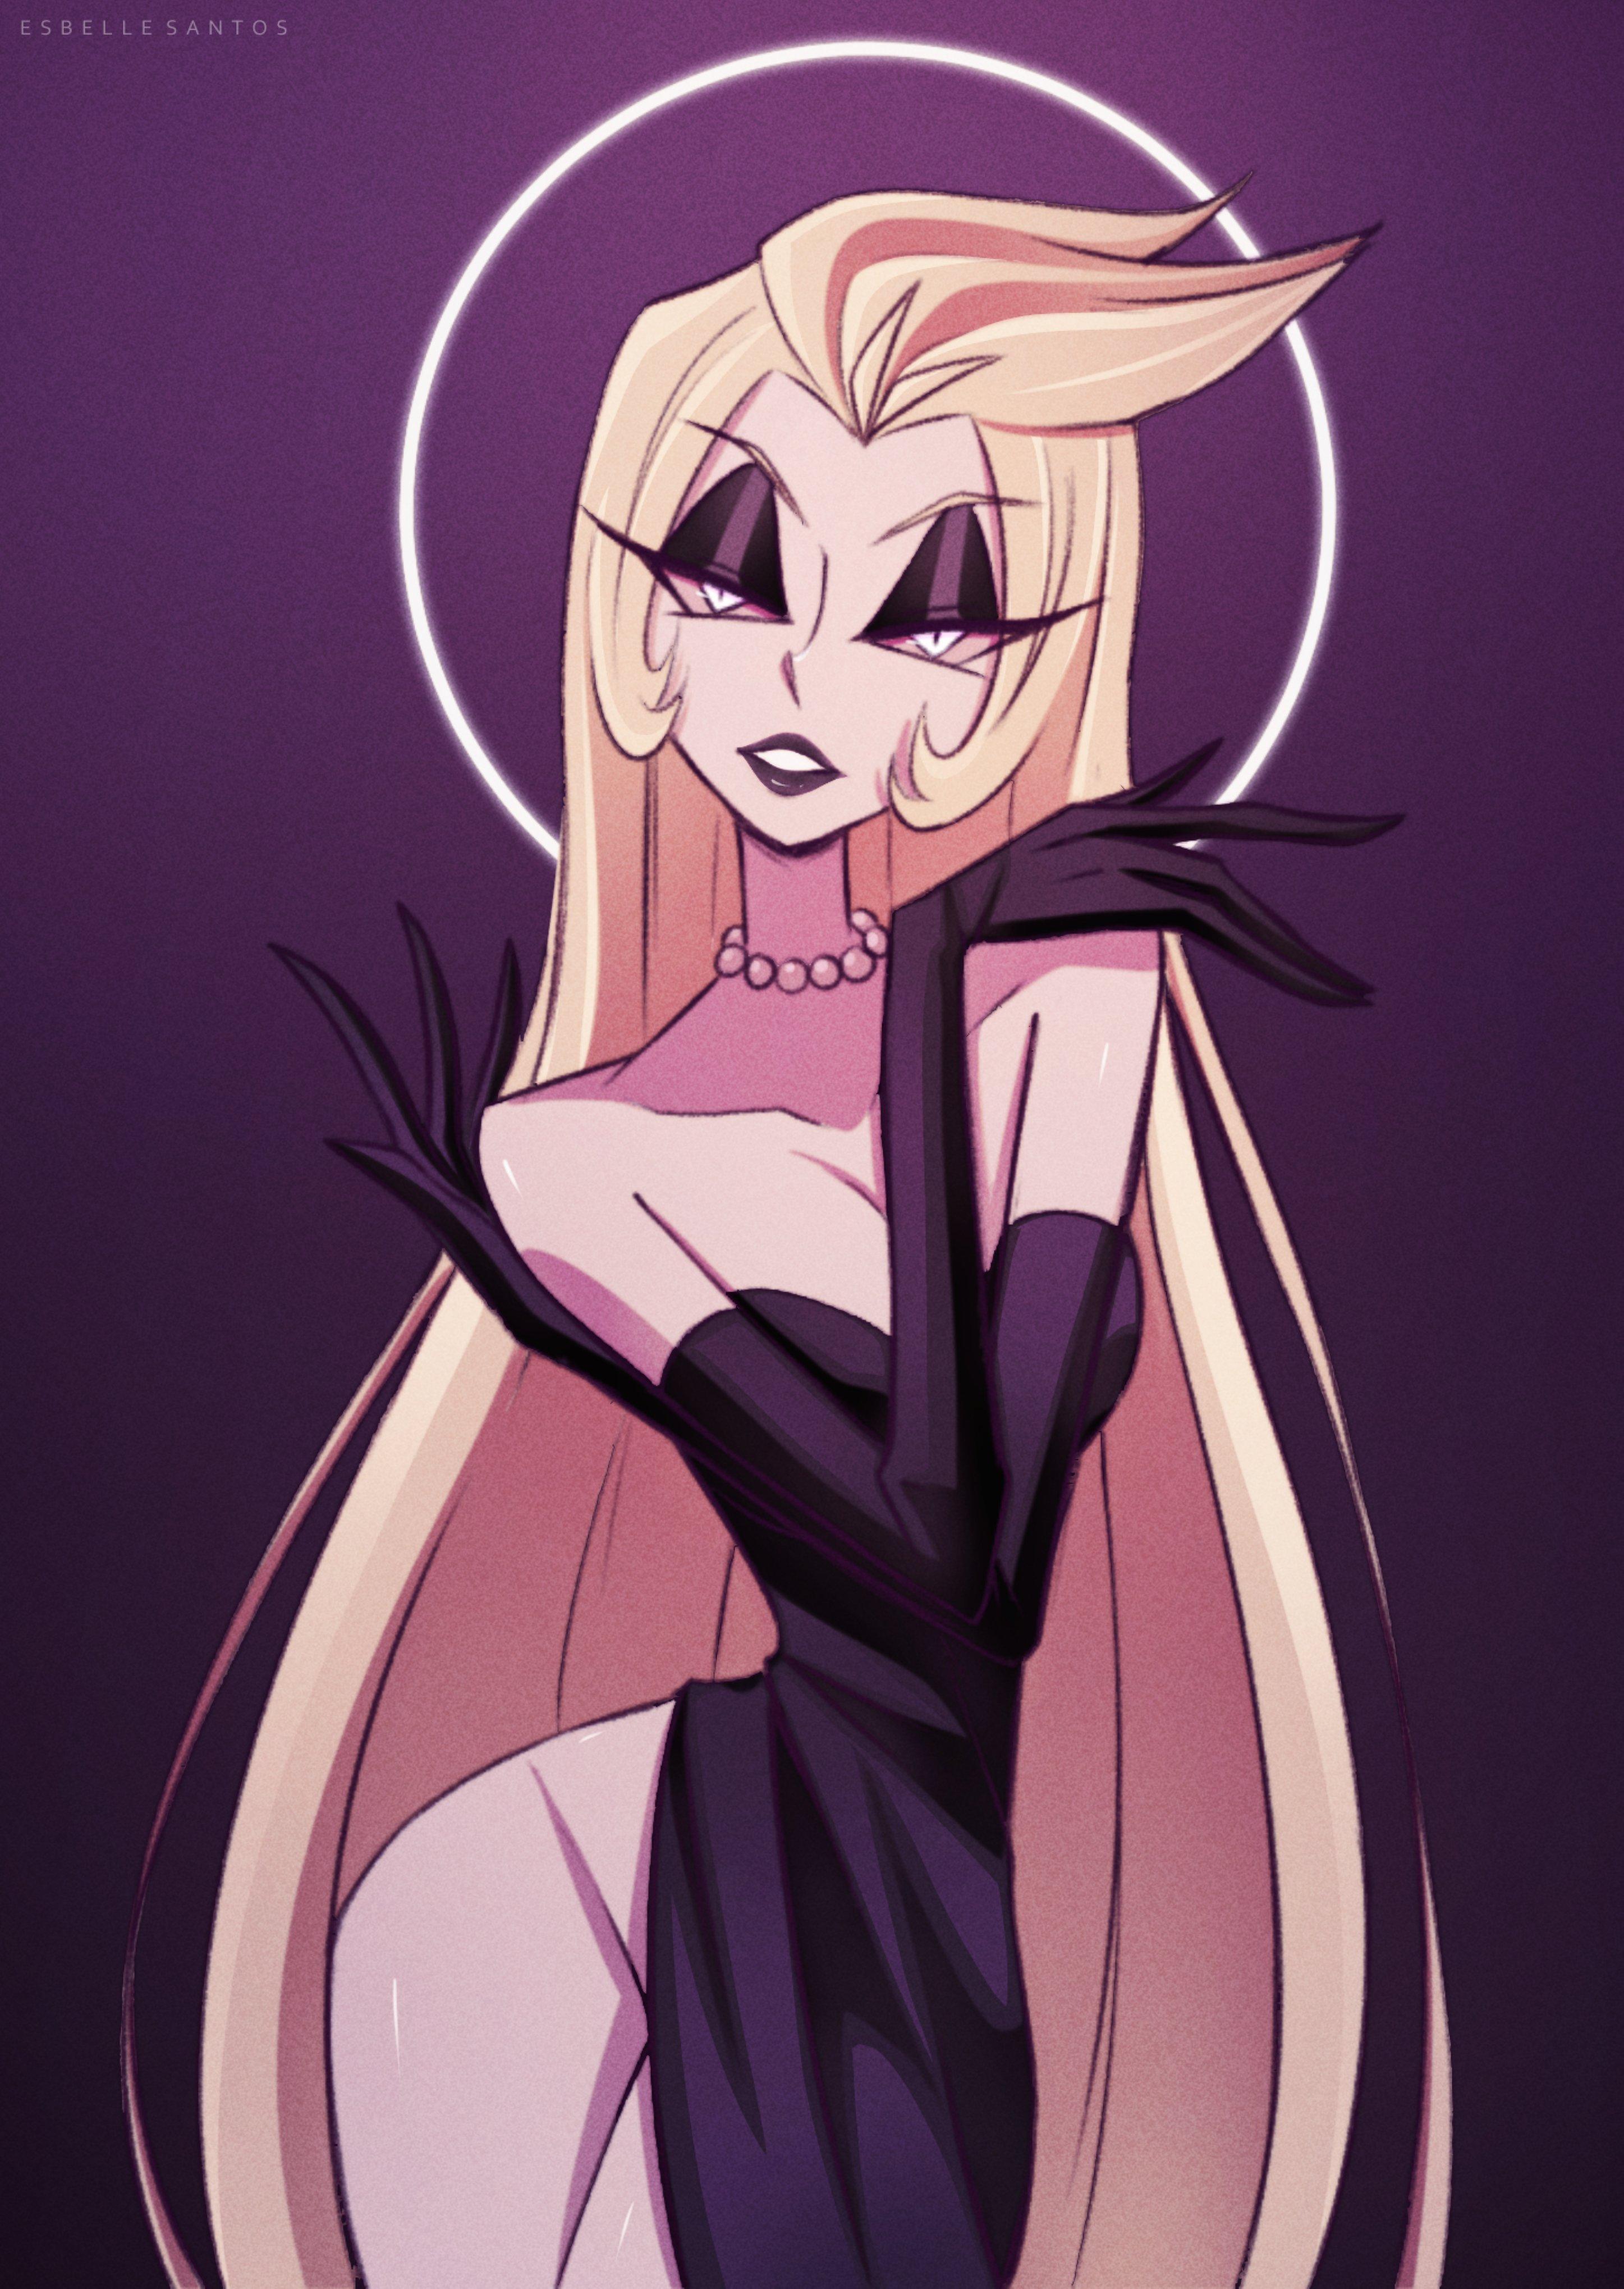 Lilith (Hazbin) - Hazbin Hotel - Image #3230813 - Zerochan Anime Image Board